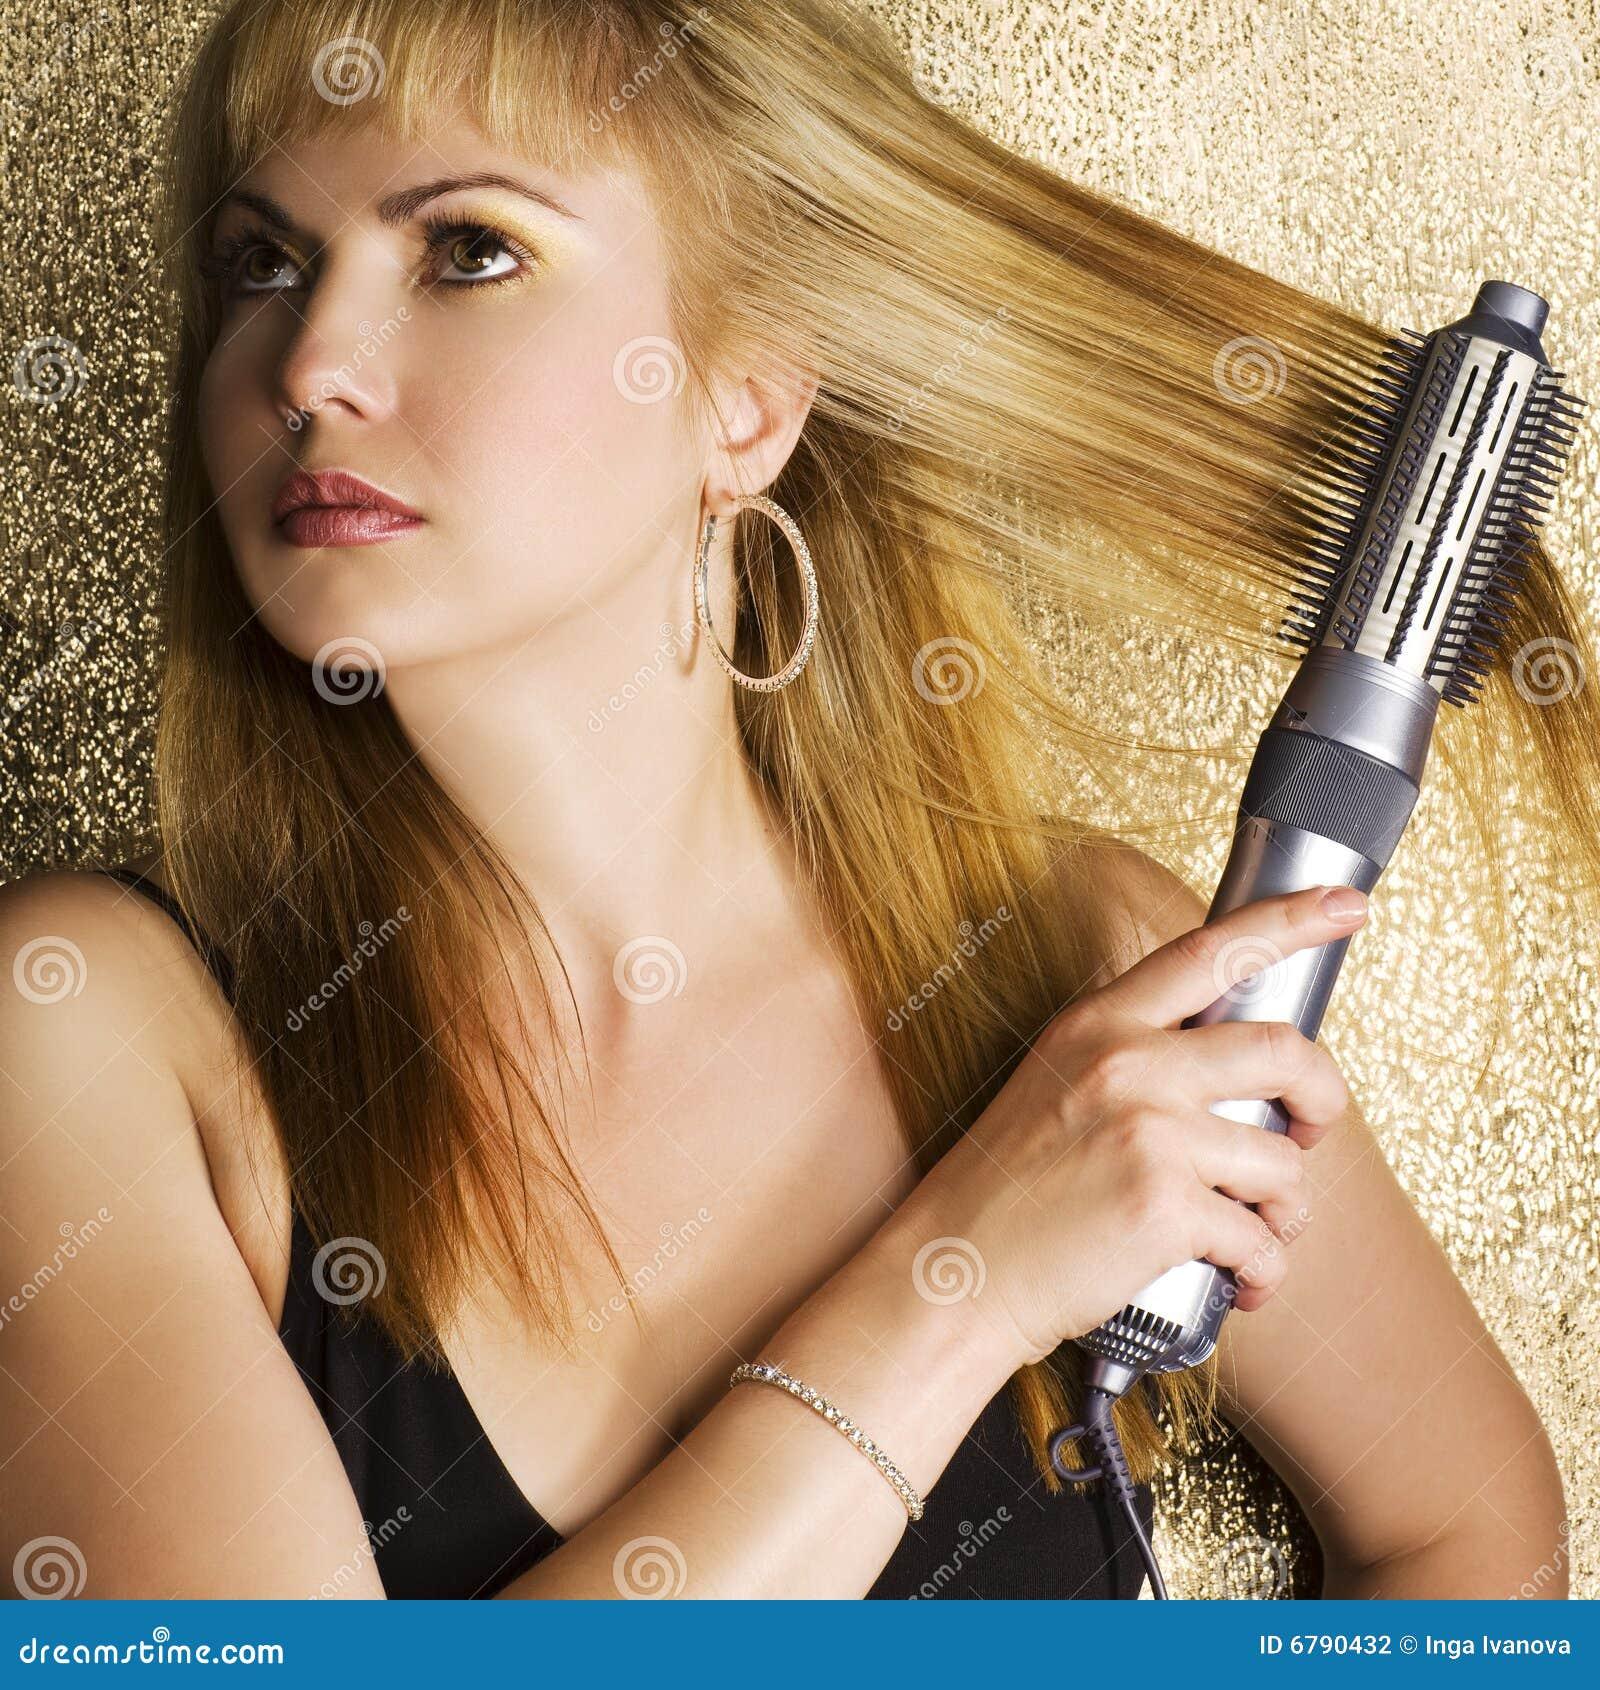 Włosy jej tytułowanie kobieta